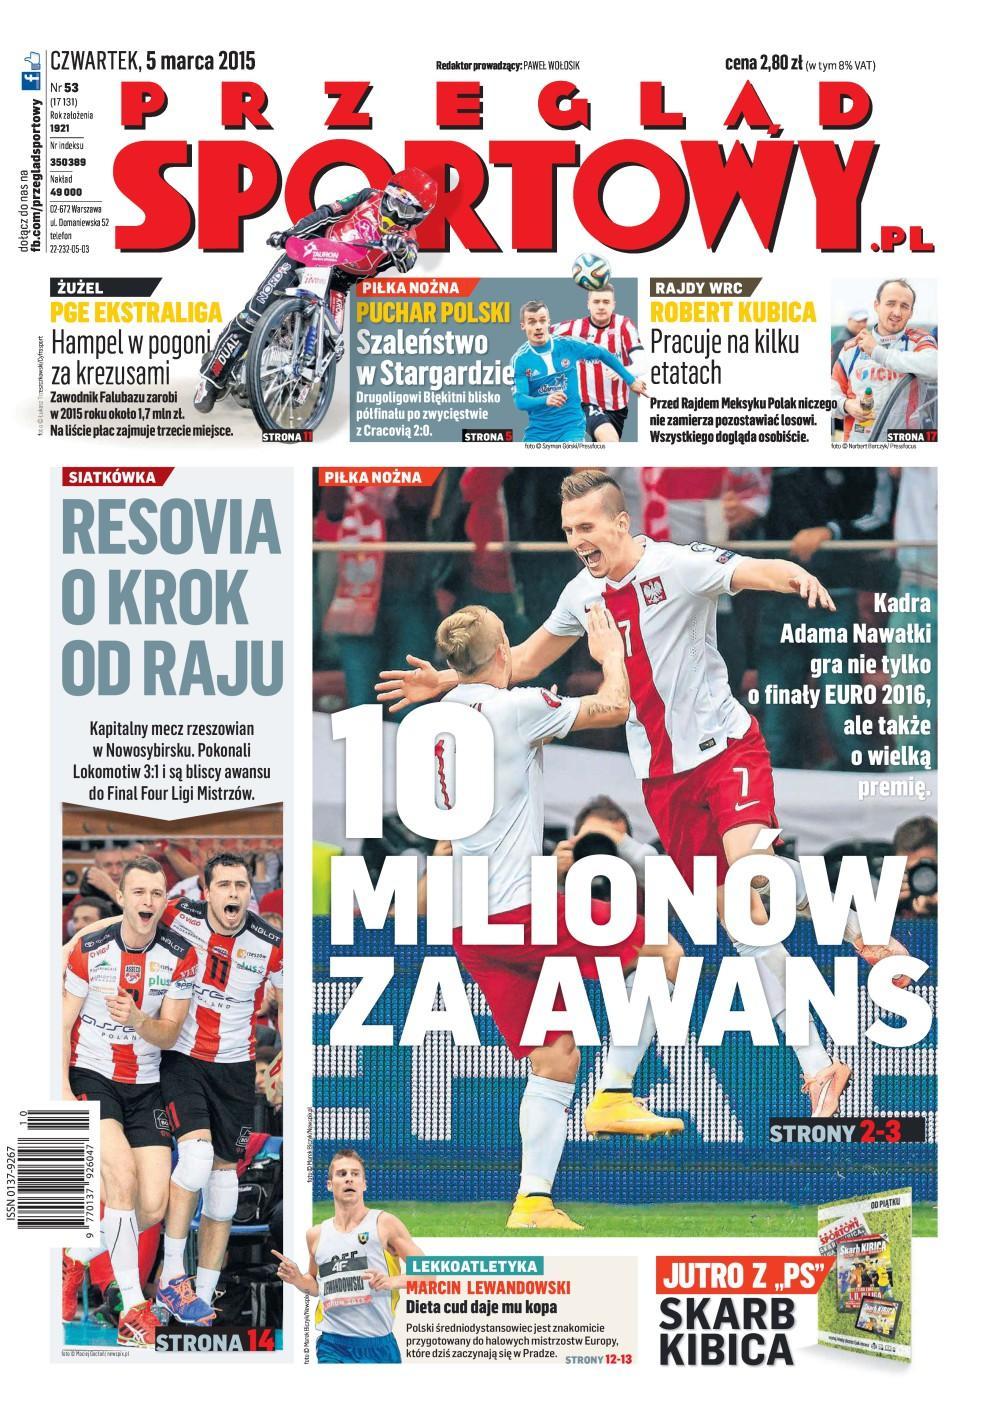 Błękitni Stargard Szczeciński - Cracovia 2:0 (04.03.2015) Przegląd Sportowy